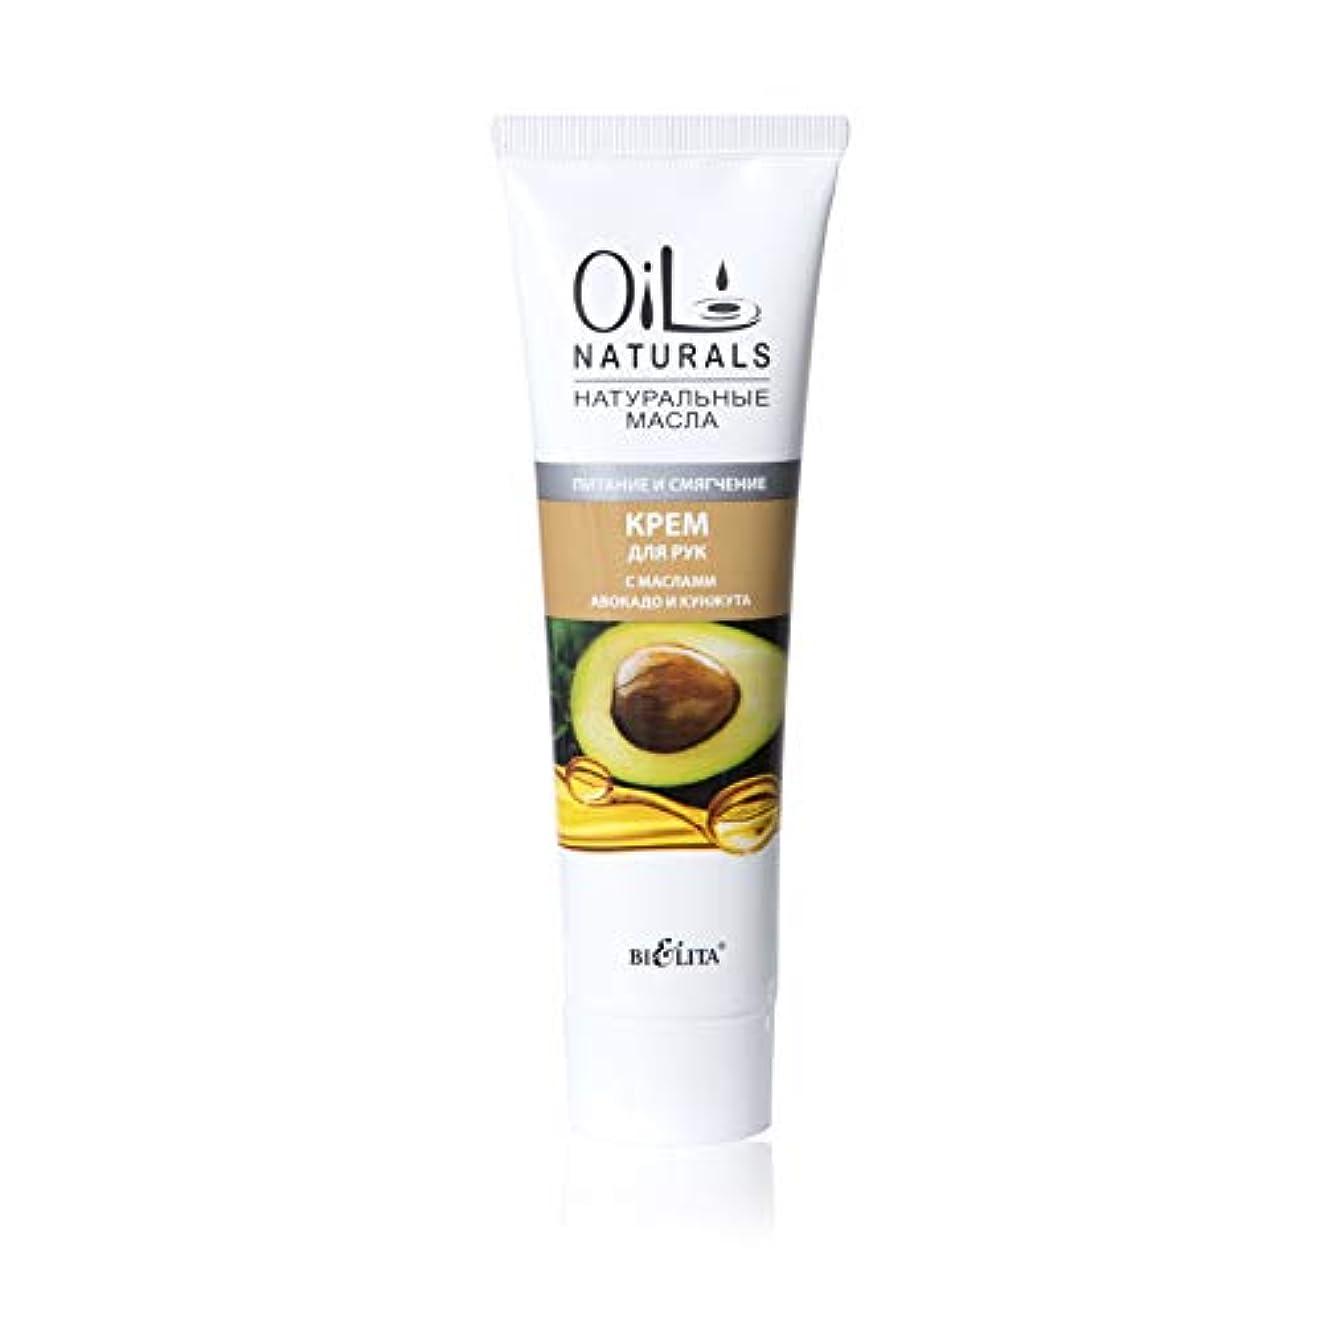 ハンドブックカニ温帯Bielita & Vitex Oil Naturals Line   Nutrition & Softening Hand Cream, 100 ml   Avocado Oil, Silk Proteins, Sesame...